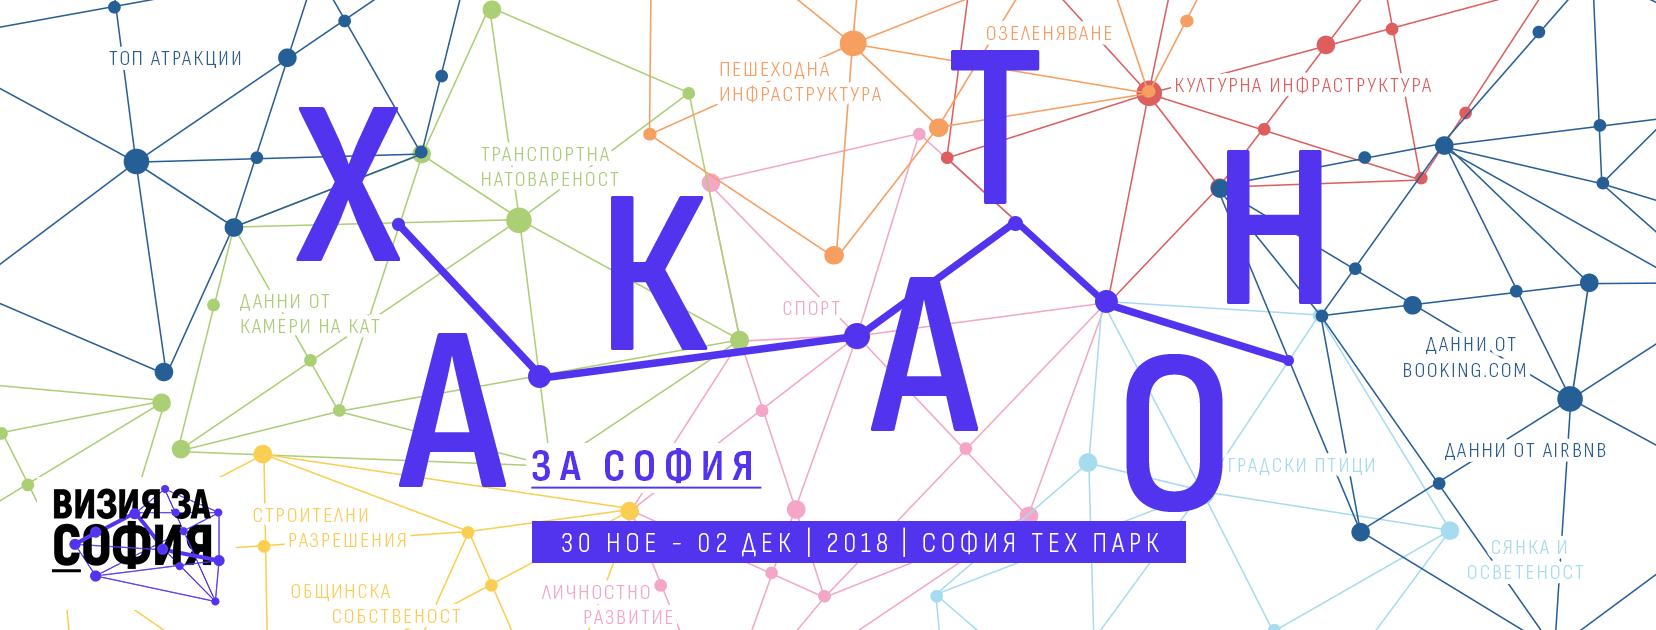 Хакатон за София - за данните и града